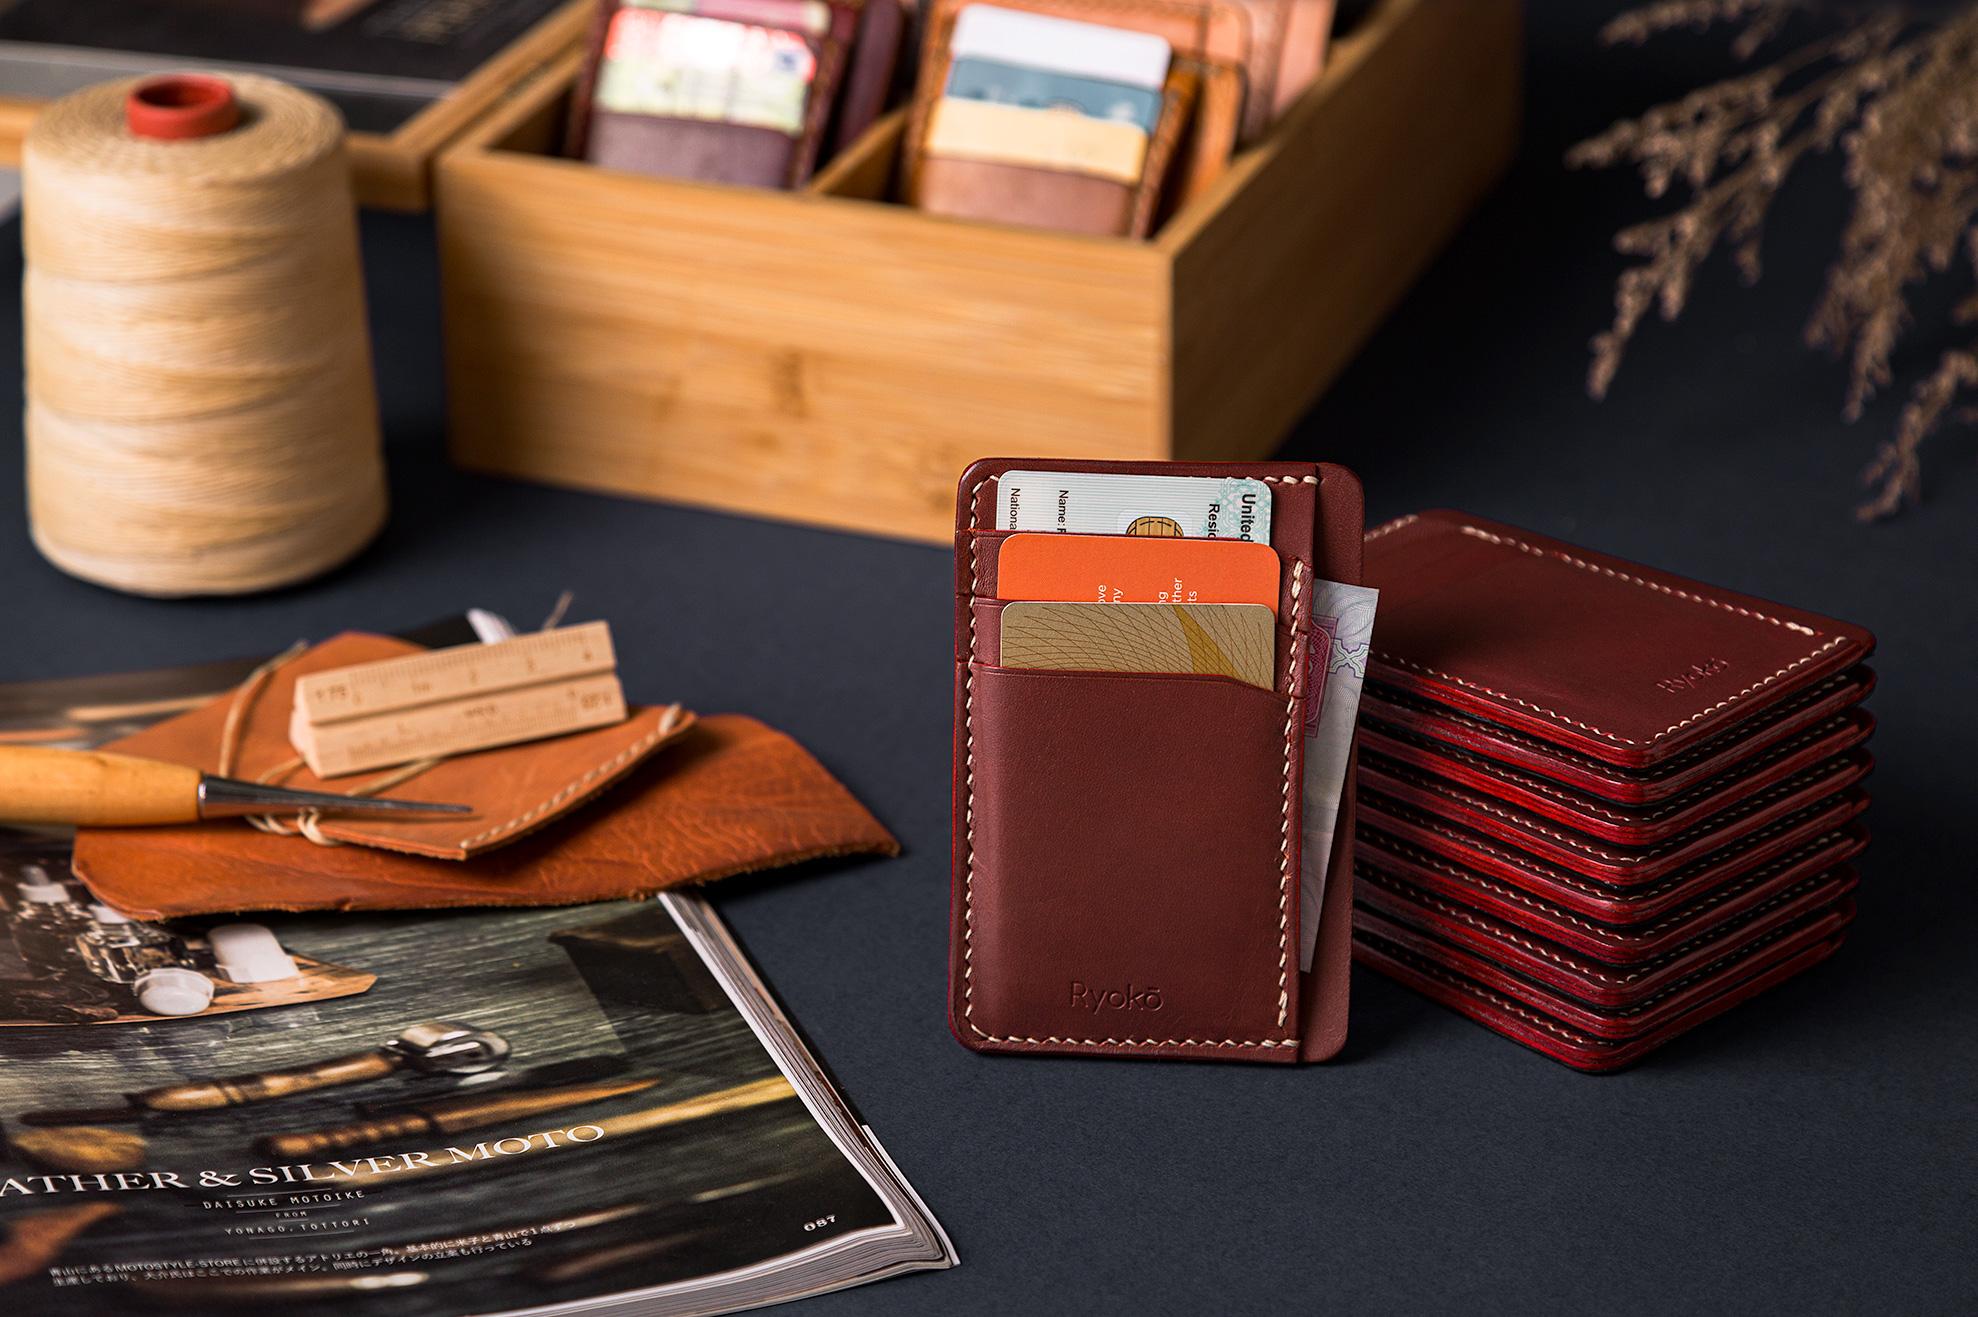 Ryoko-Bags-Product-Photography-UAE-03